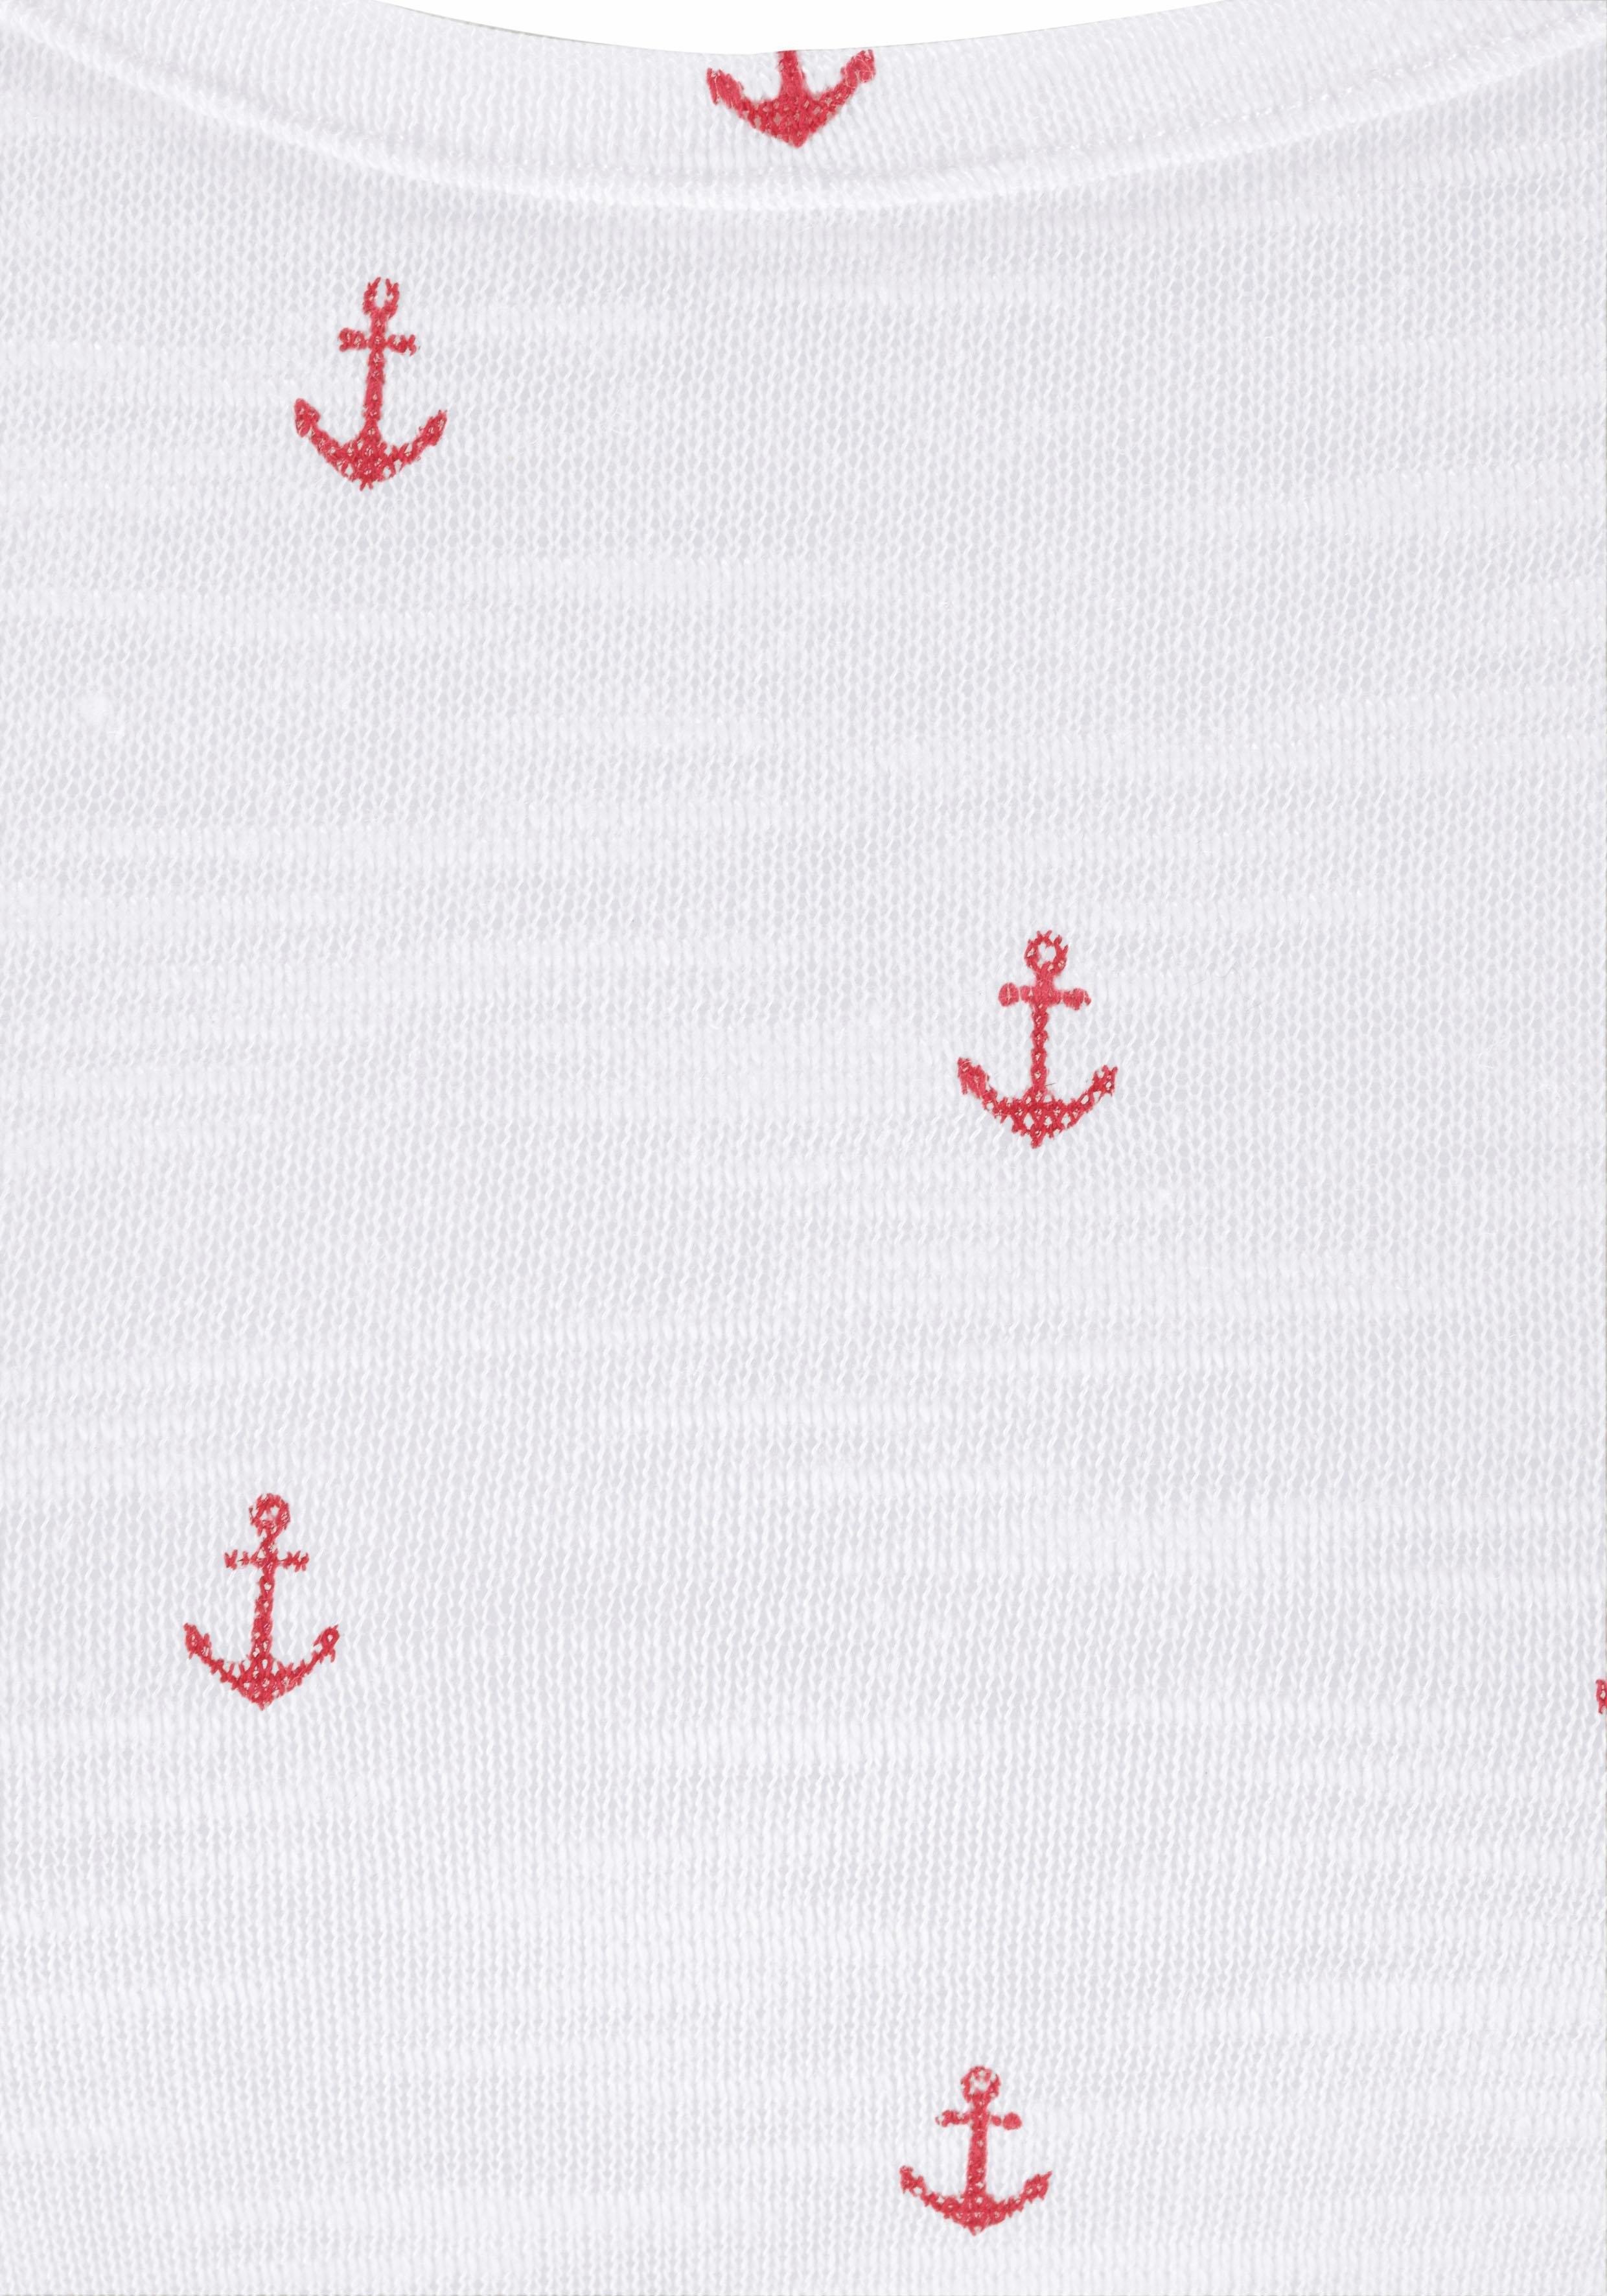 2Met Shop shirtset Ankerprint Beachtime In Maritieme Online Van De T y6fYbg7